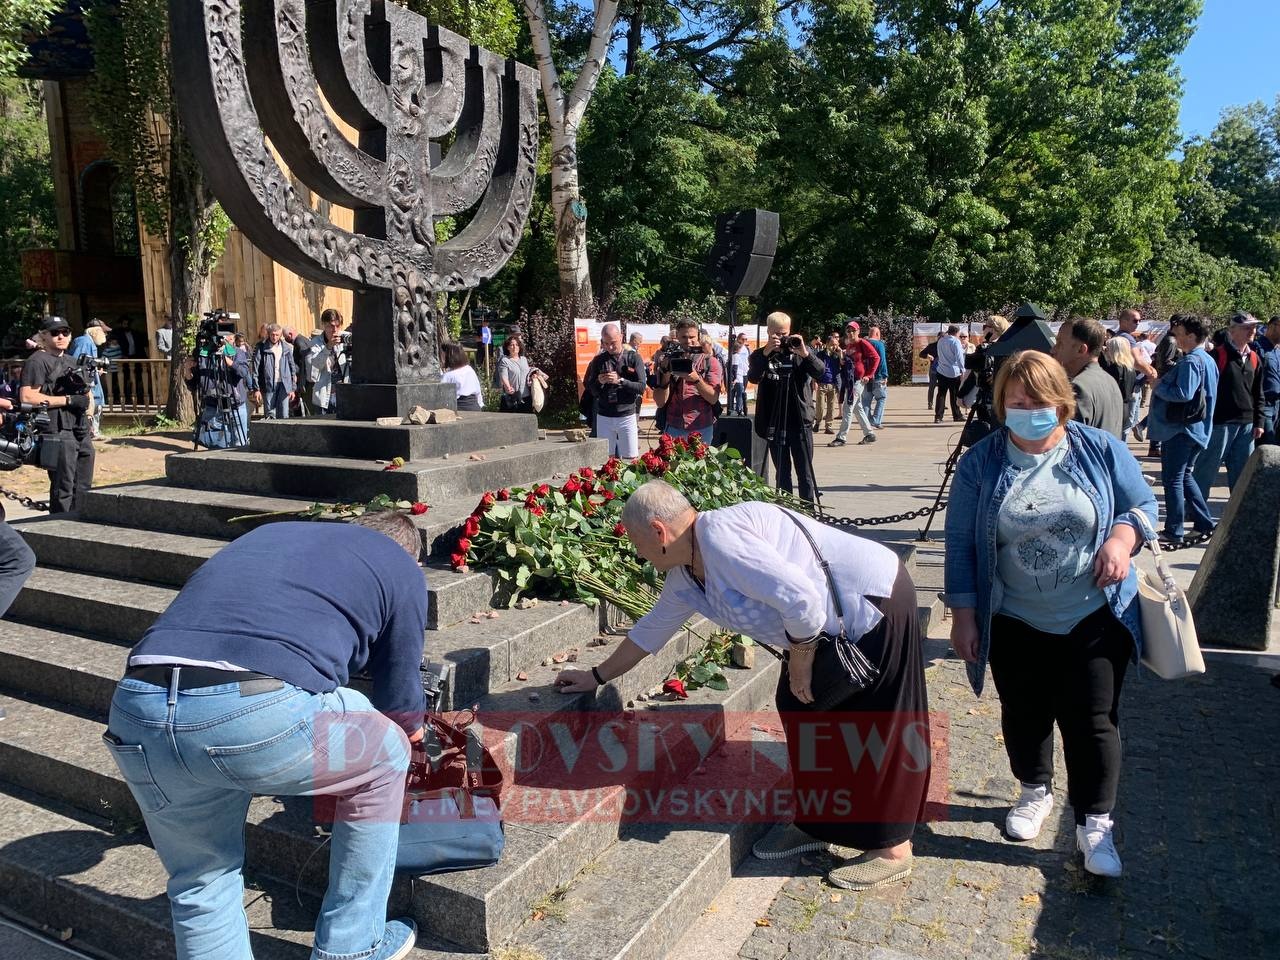 80-ая годовщина трагедии в Бабьем Яру: тысячи людей почтили память погибших